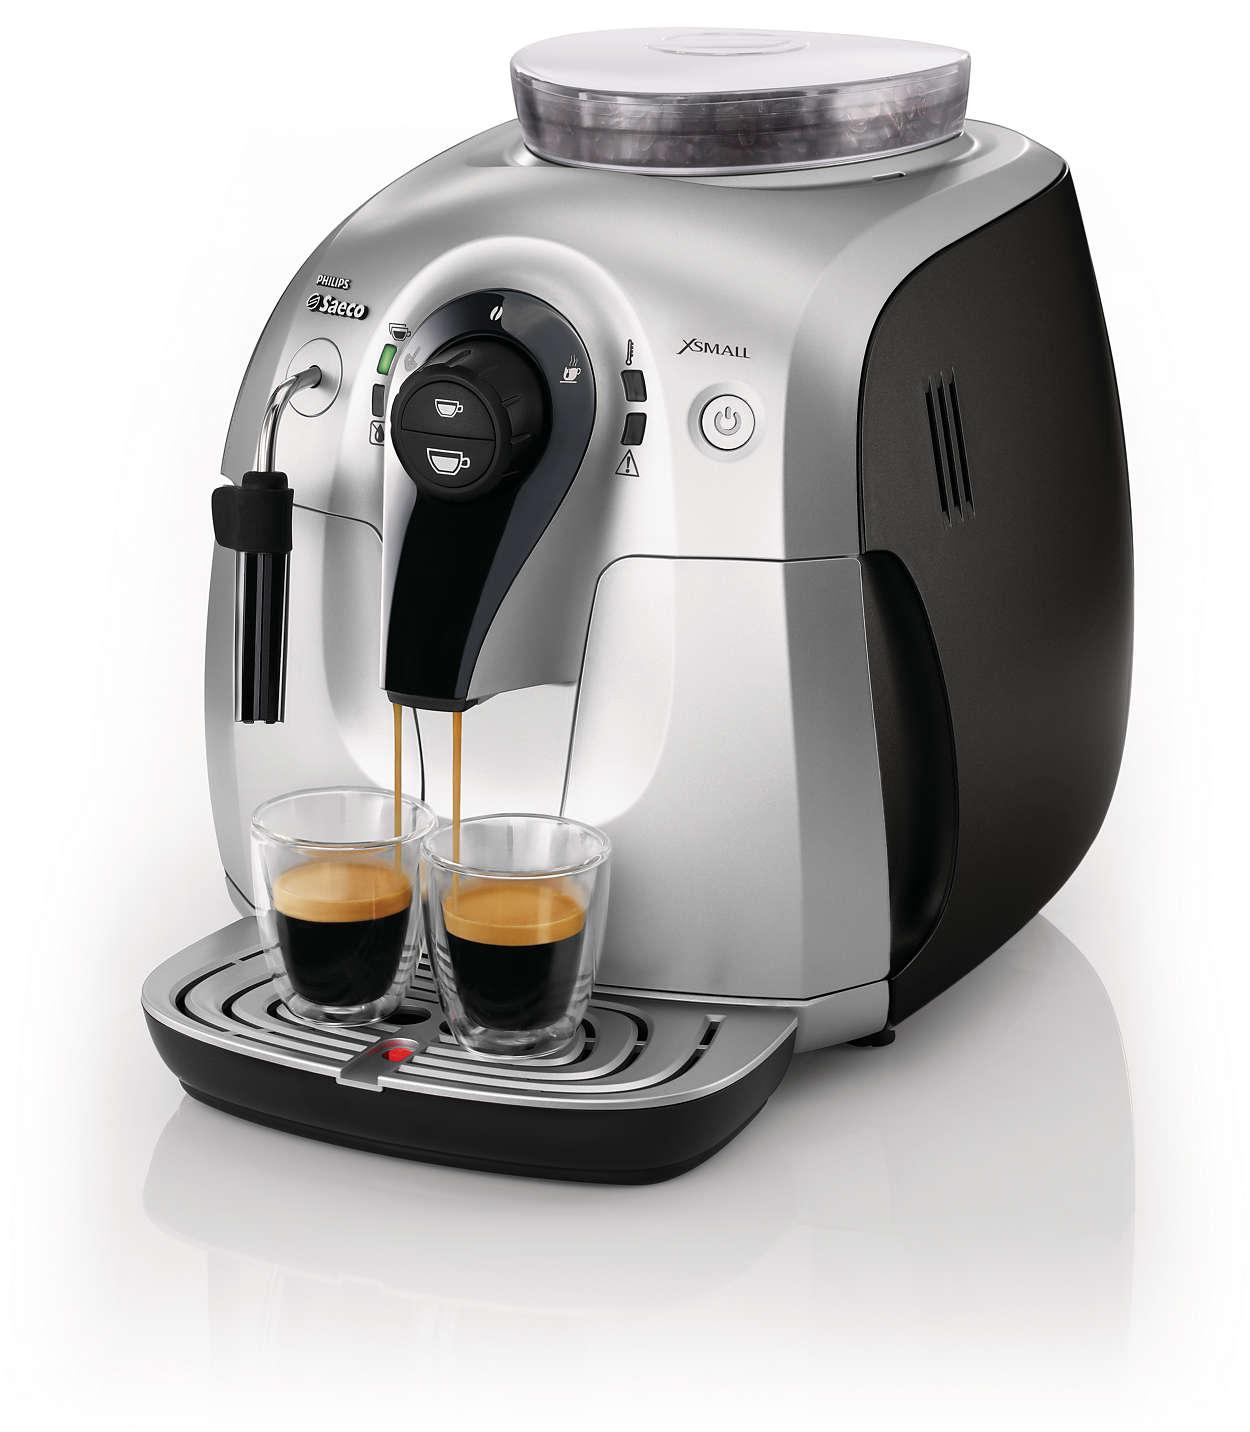 xsmall super automatic espresso machine hd8745 47 saeco. Black Bedroom Furniture Sets. Home Design Ideas